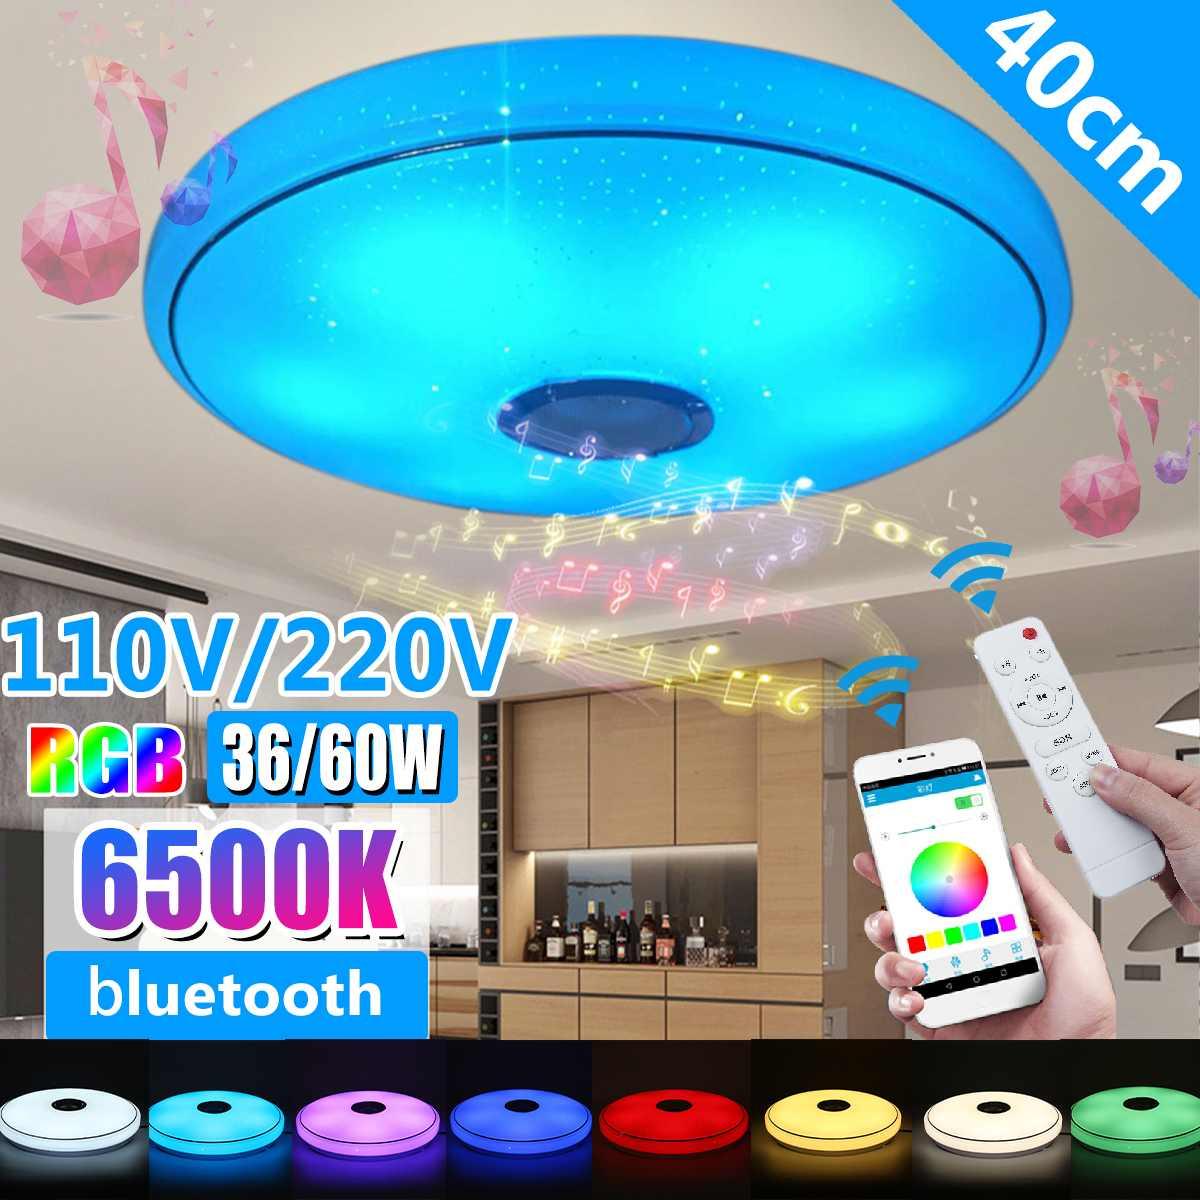 Moderne Rgb Led Plafond Verlichting Home Verlichting 36W 60W App Bluetooth Muziek Licht Slaapkamer Lampen Smart Plafondlamp + Afstandsbediening